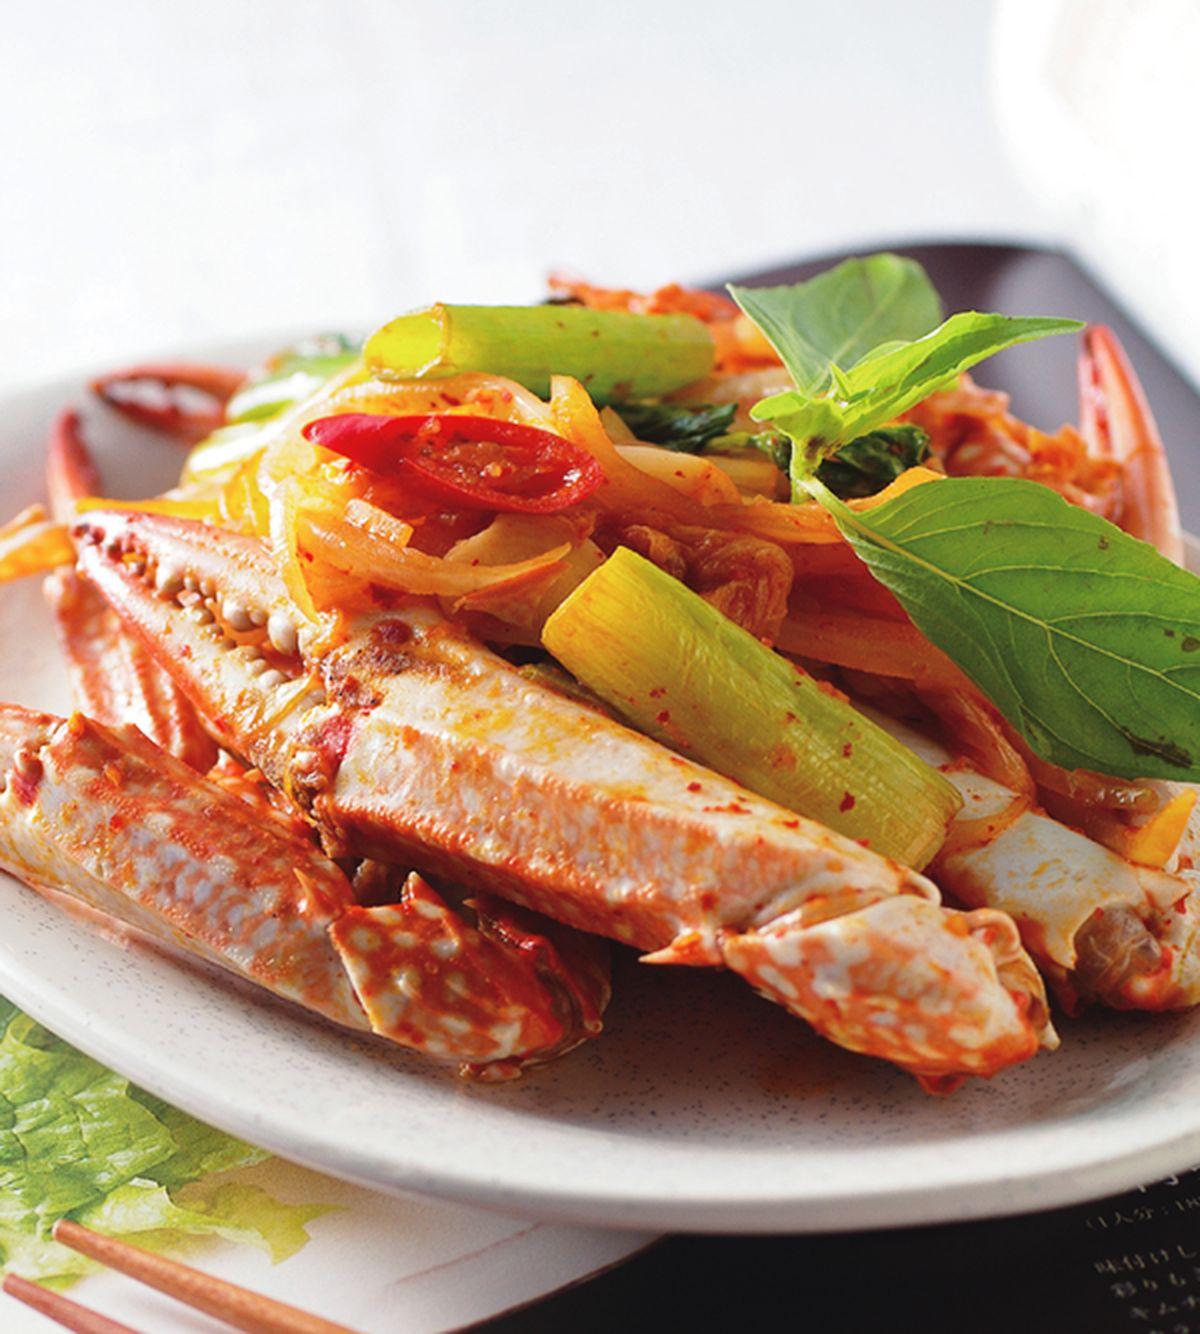 食譜:泡菜炒蟹腳